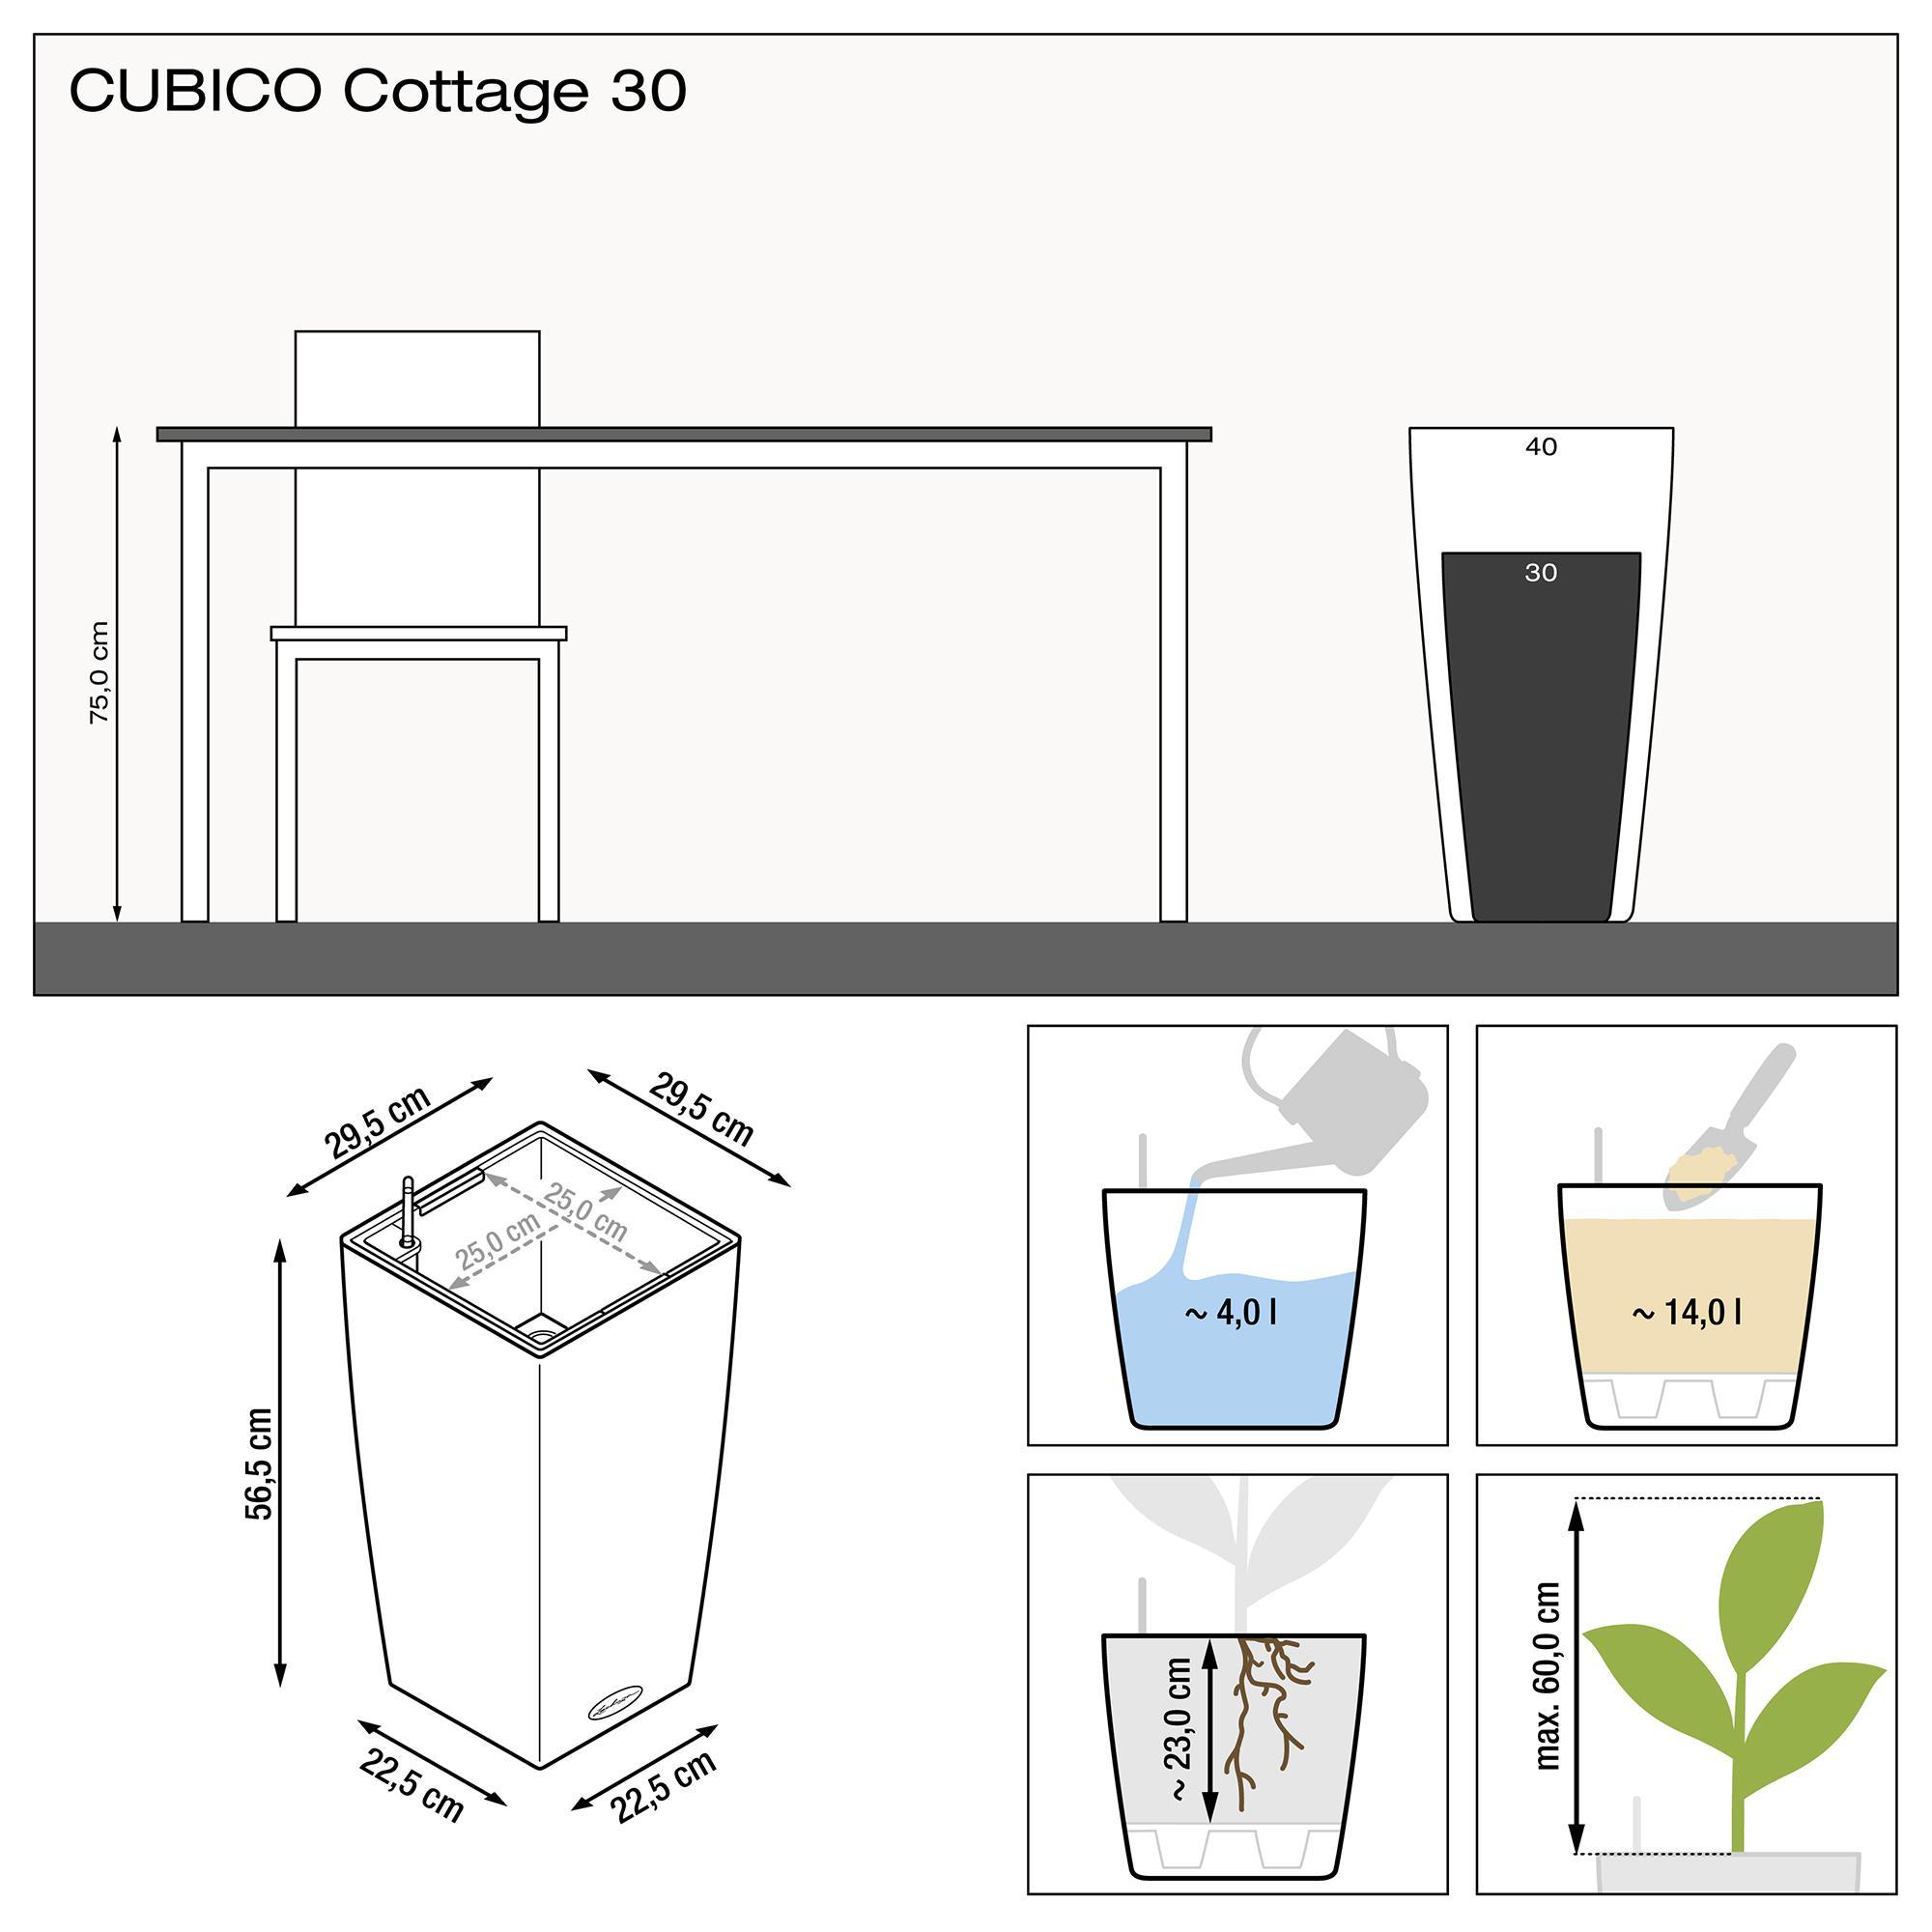 CUBICO Cottage 30 caffè - Immagine 3